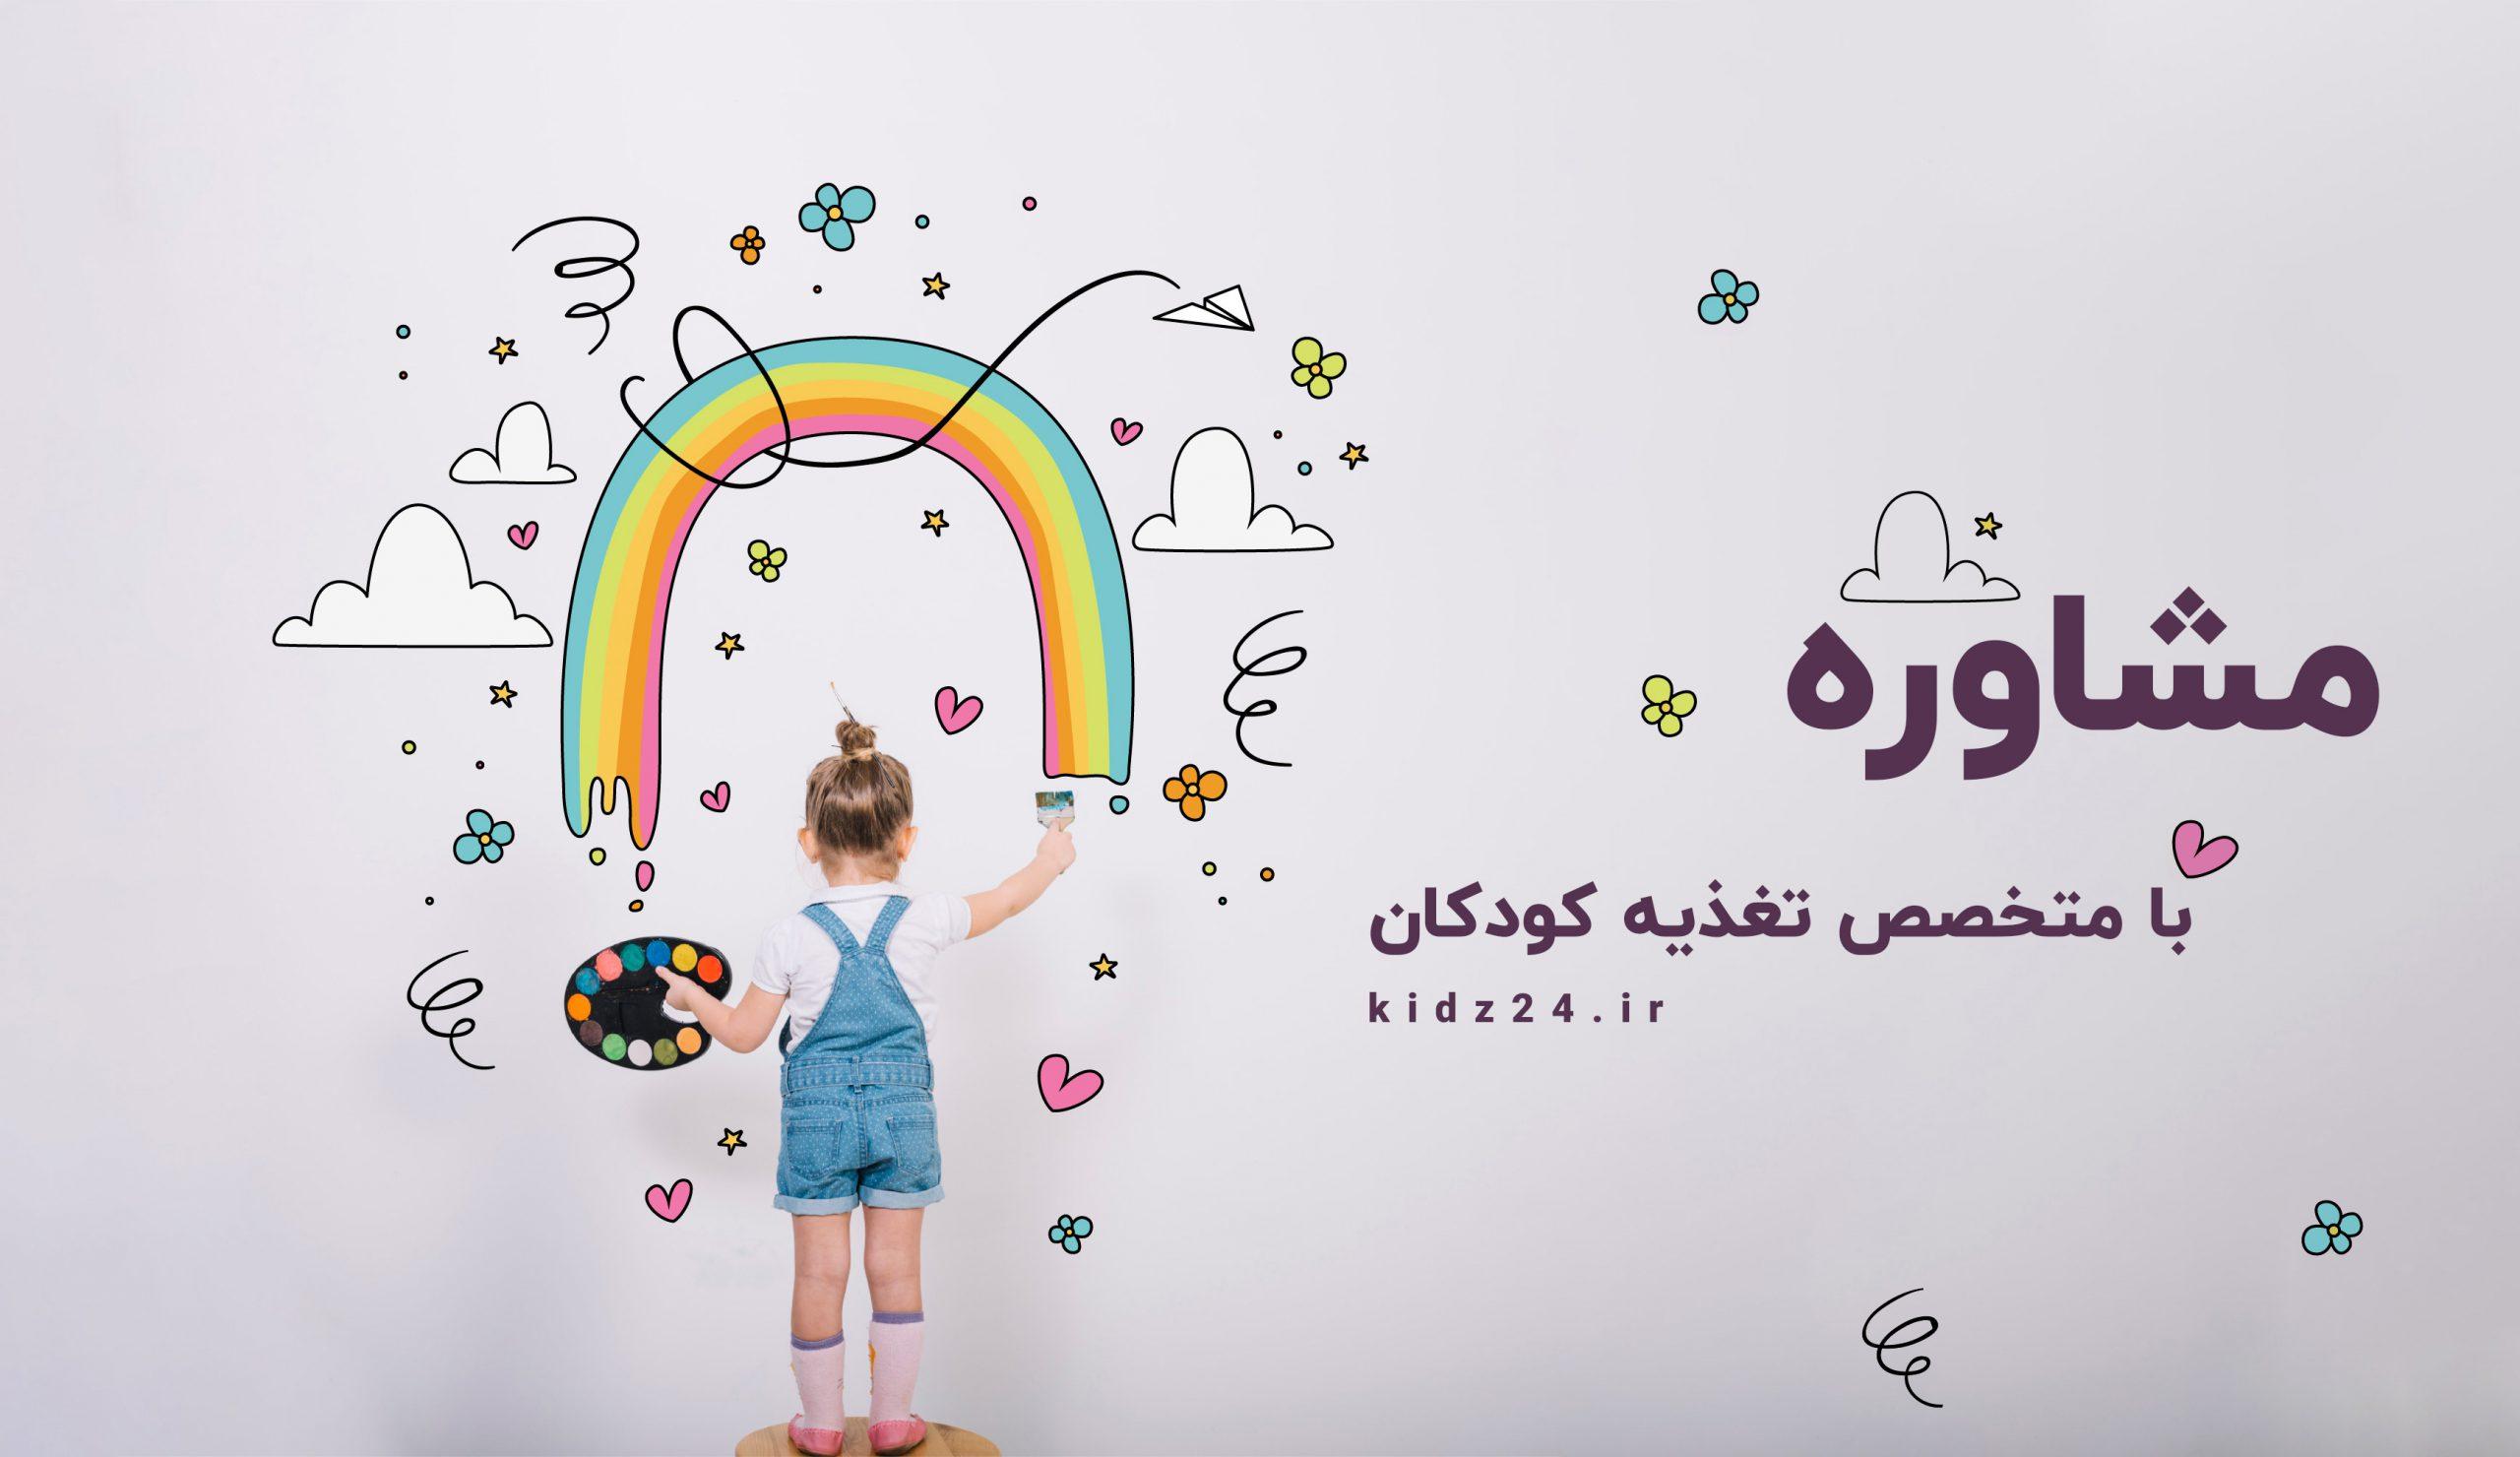 متخصص تغذیه کودکان, کلینیک آنلاین کیدز24